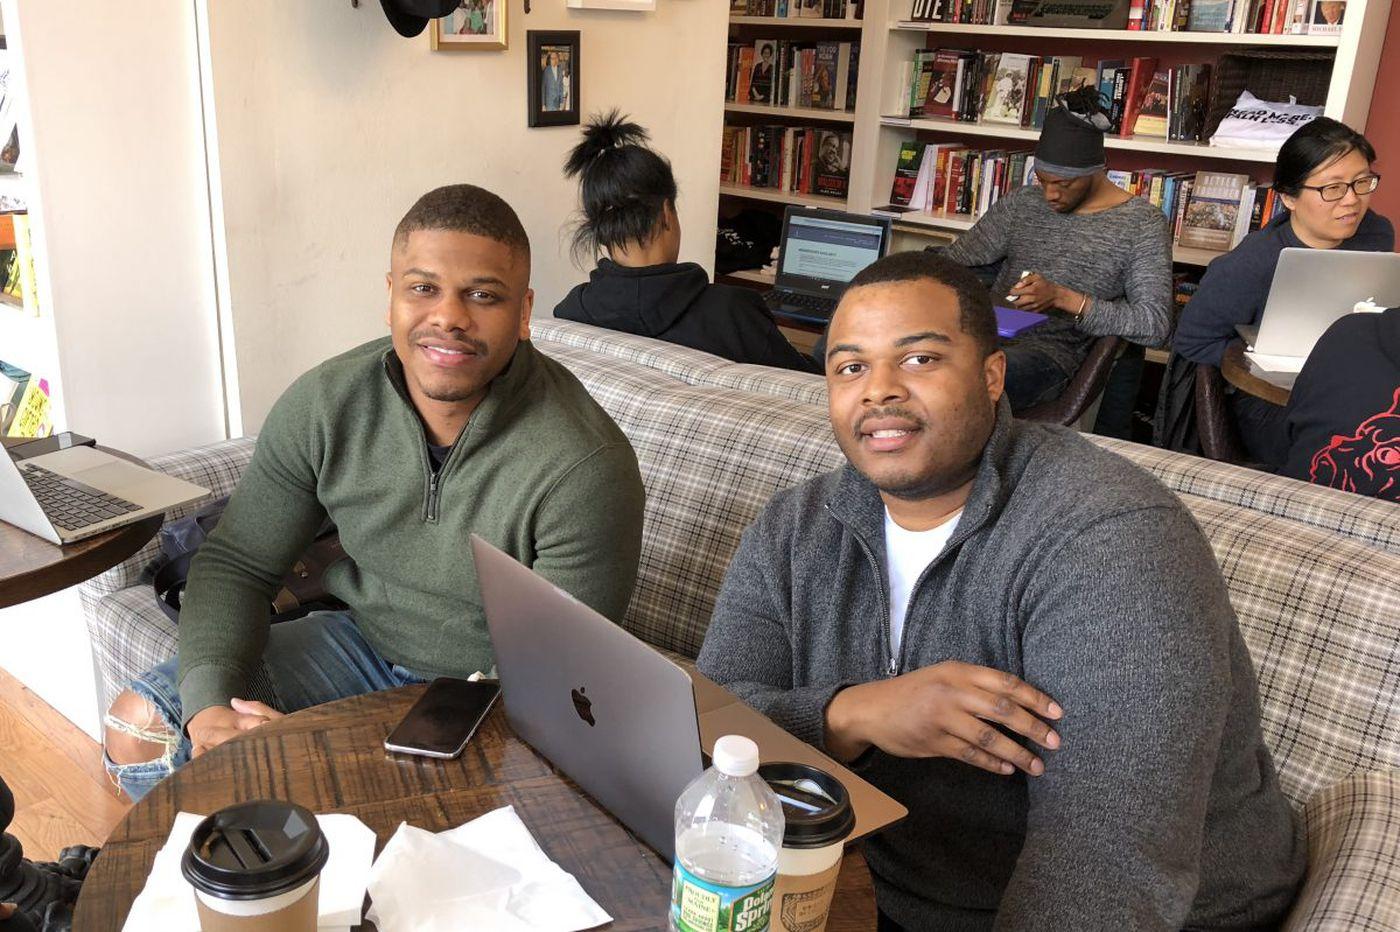 For black cafe patrons, Starbucks arrests raise concerns and interest in black businesses